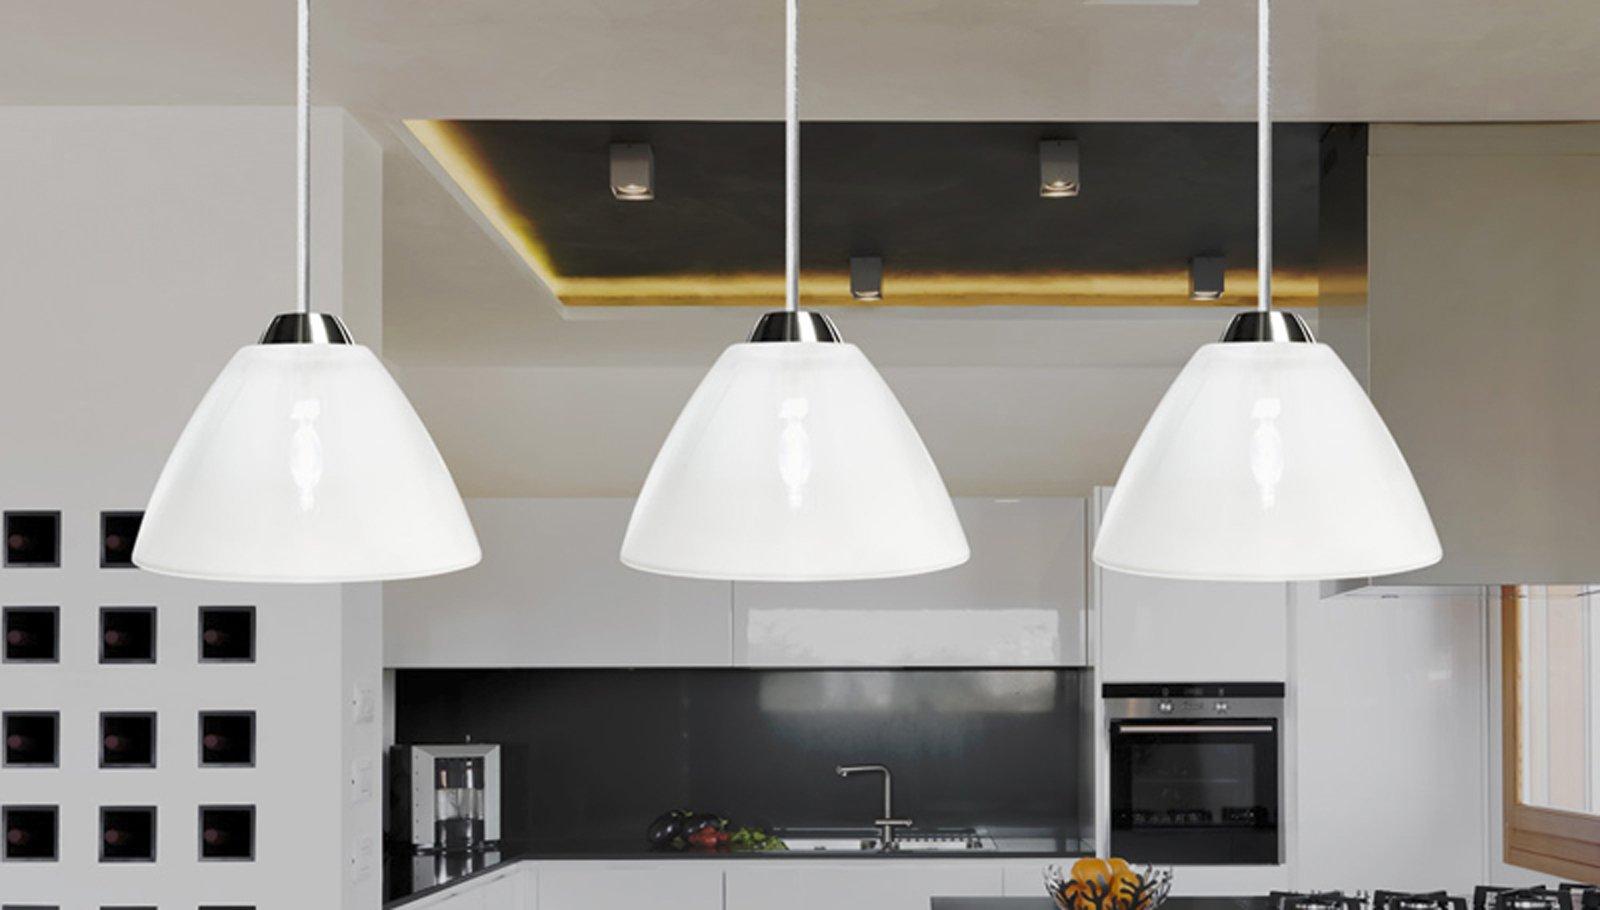 Lampadari  a quale altezza appenderli?   Cose di Casa -> Lampadari Per Cucina Originali